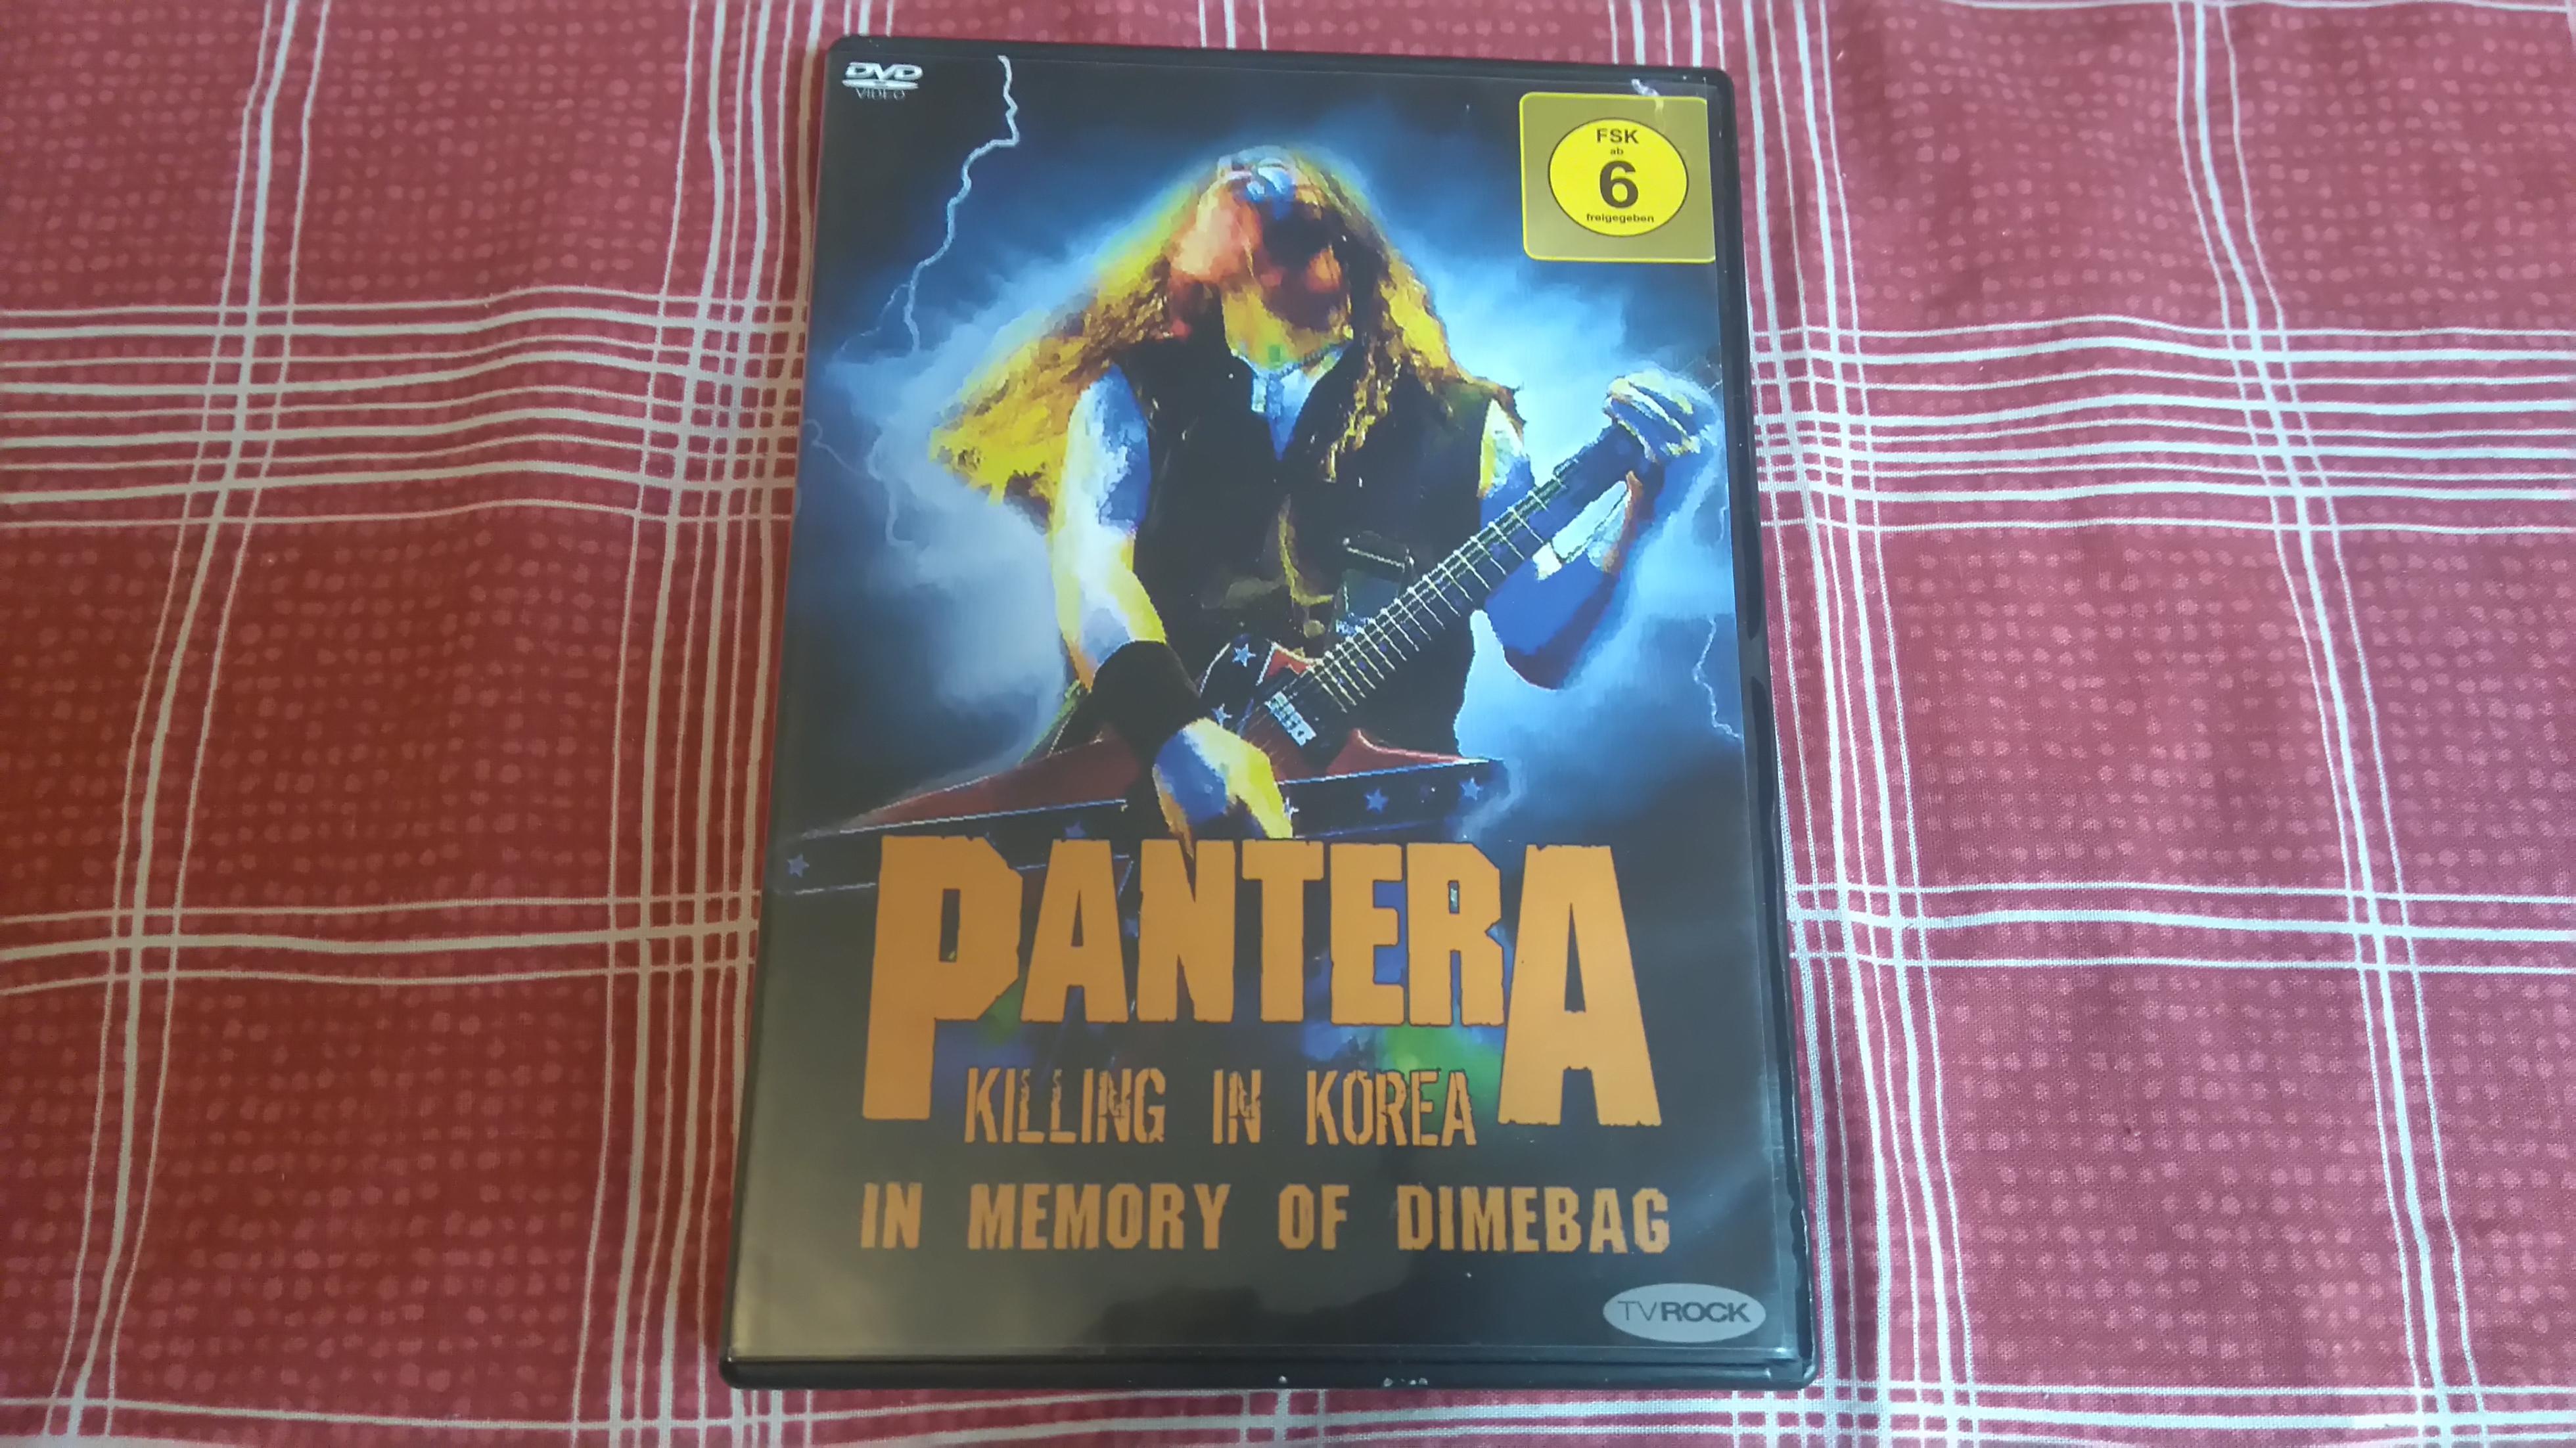 Pantera dvd.JPG